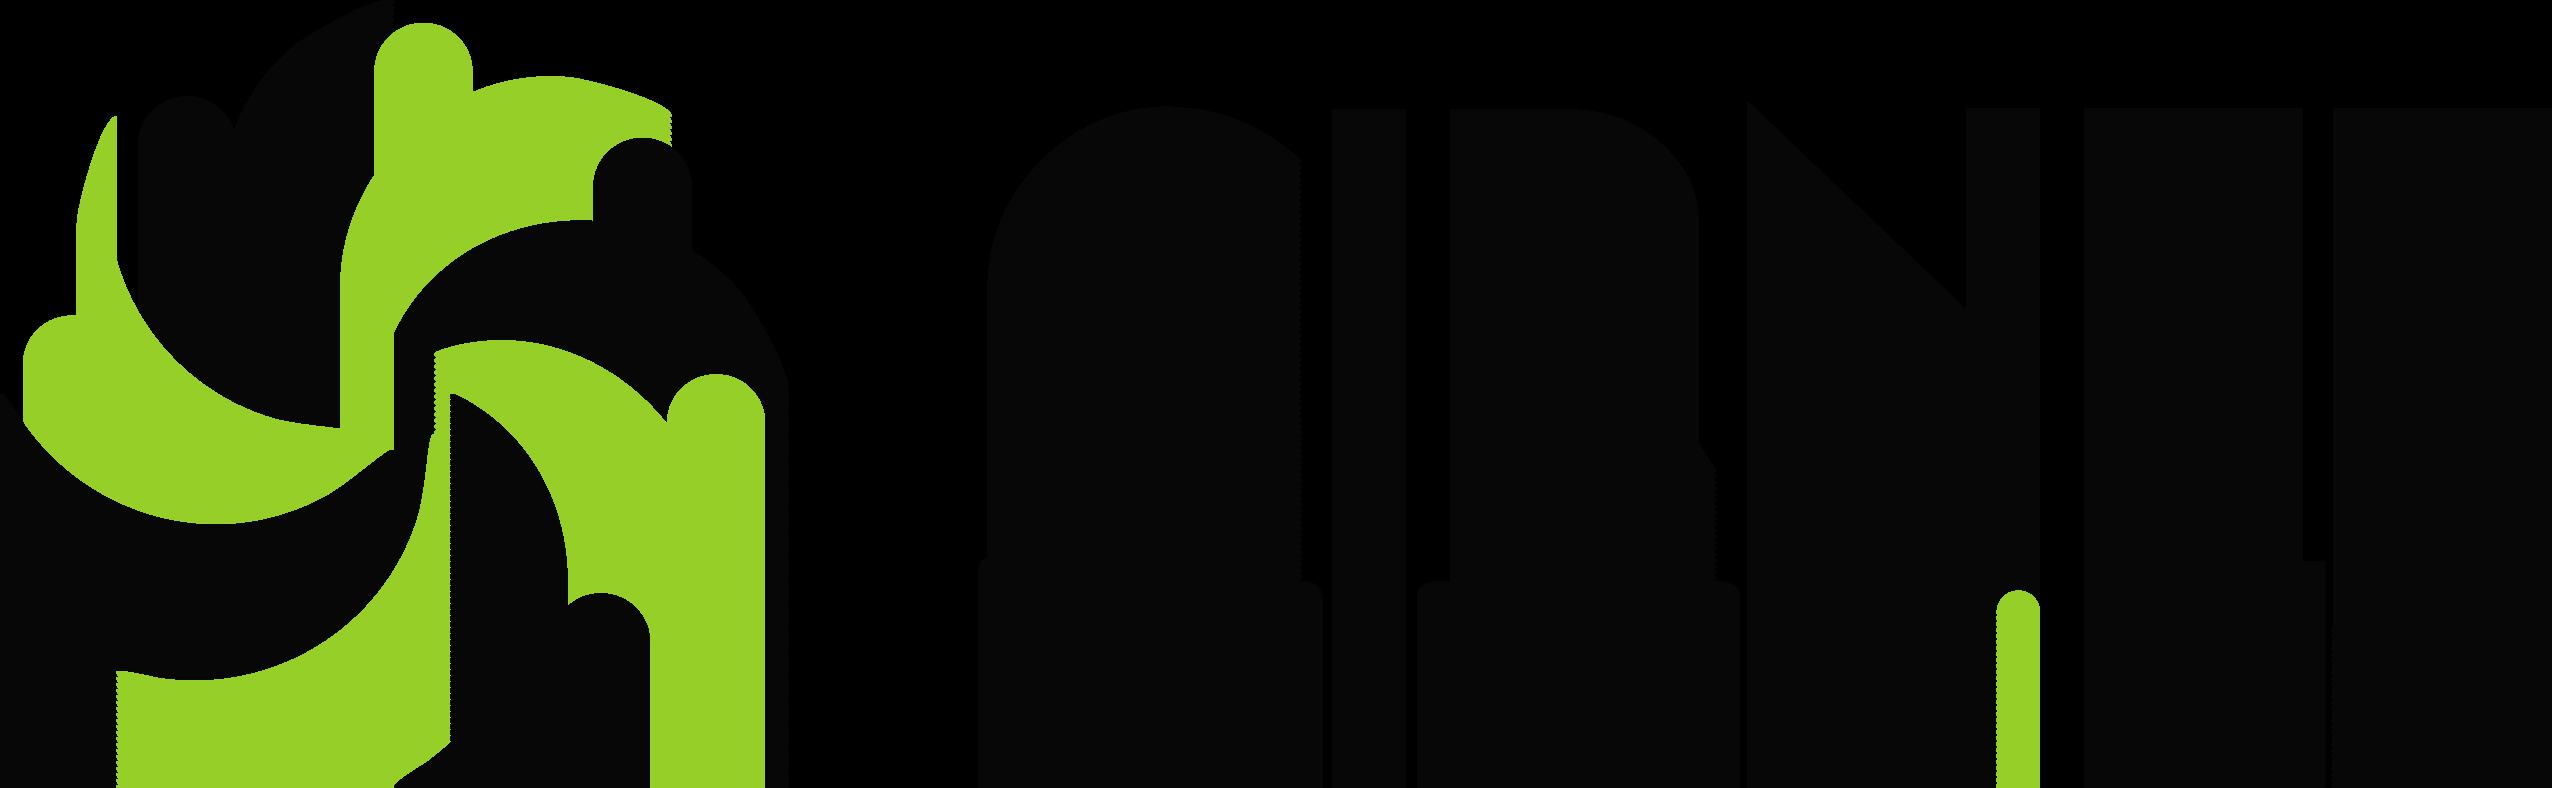 cirnef